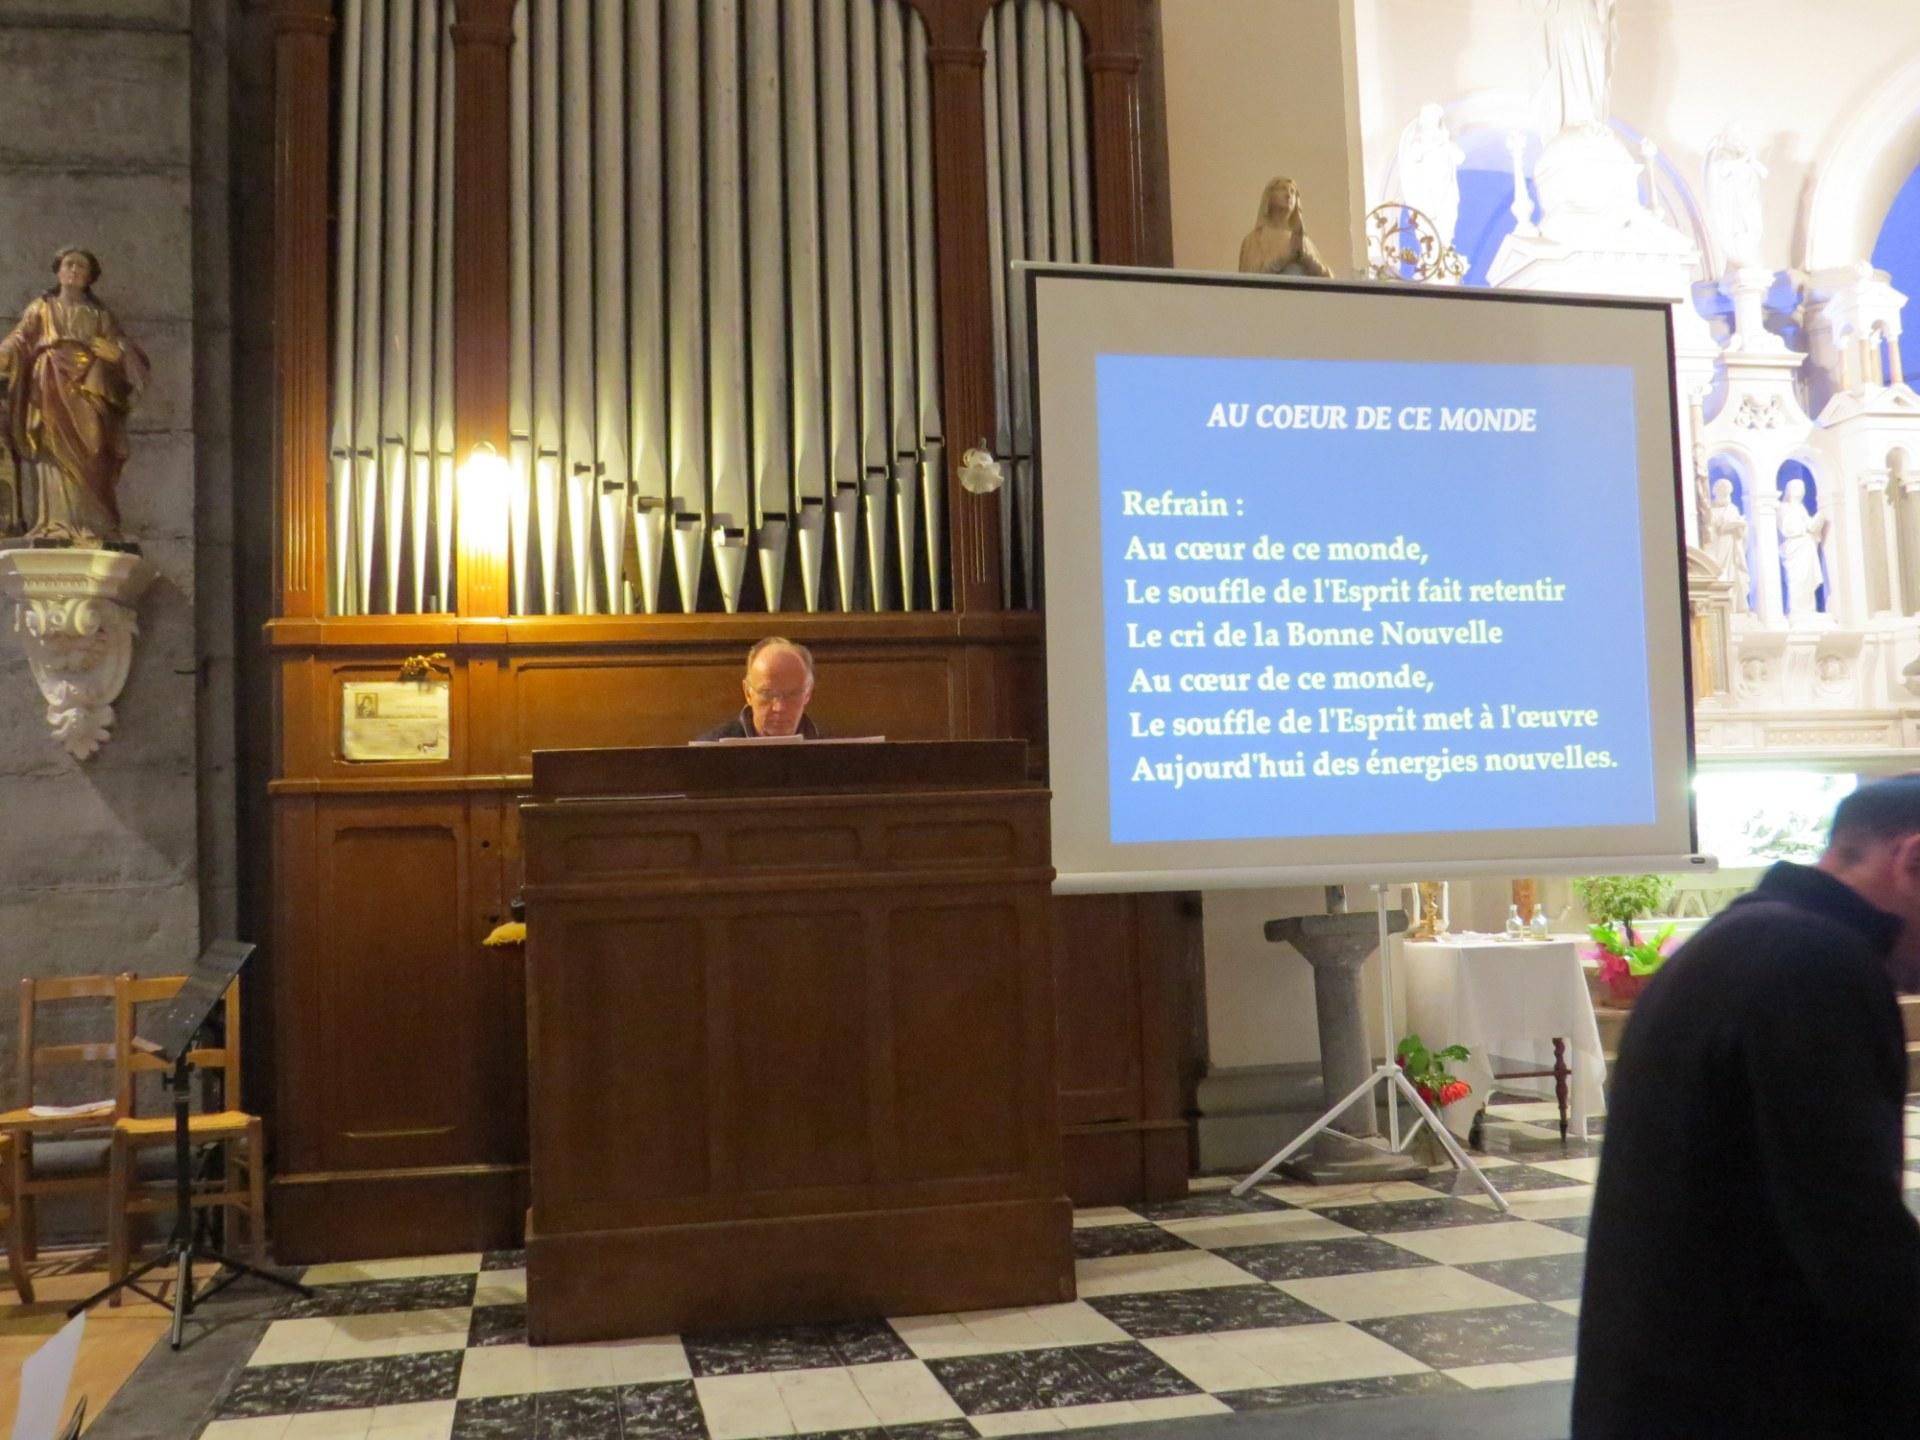 Entre les intentions de la prière pénitentielle: Daniel joue de l'orgue pour chanter ce qui suit: